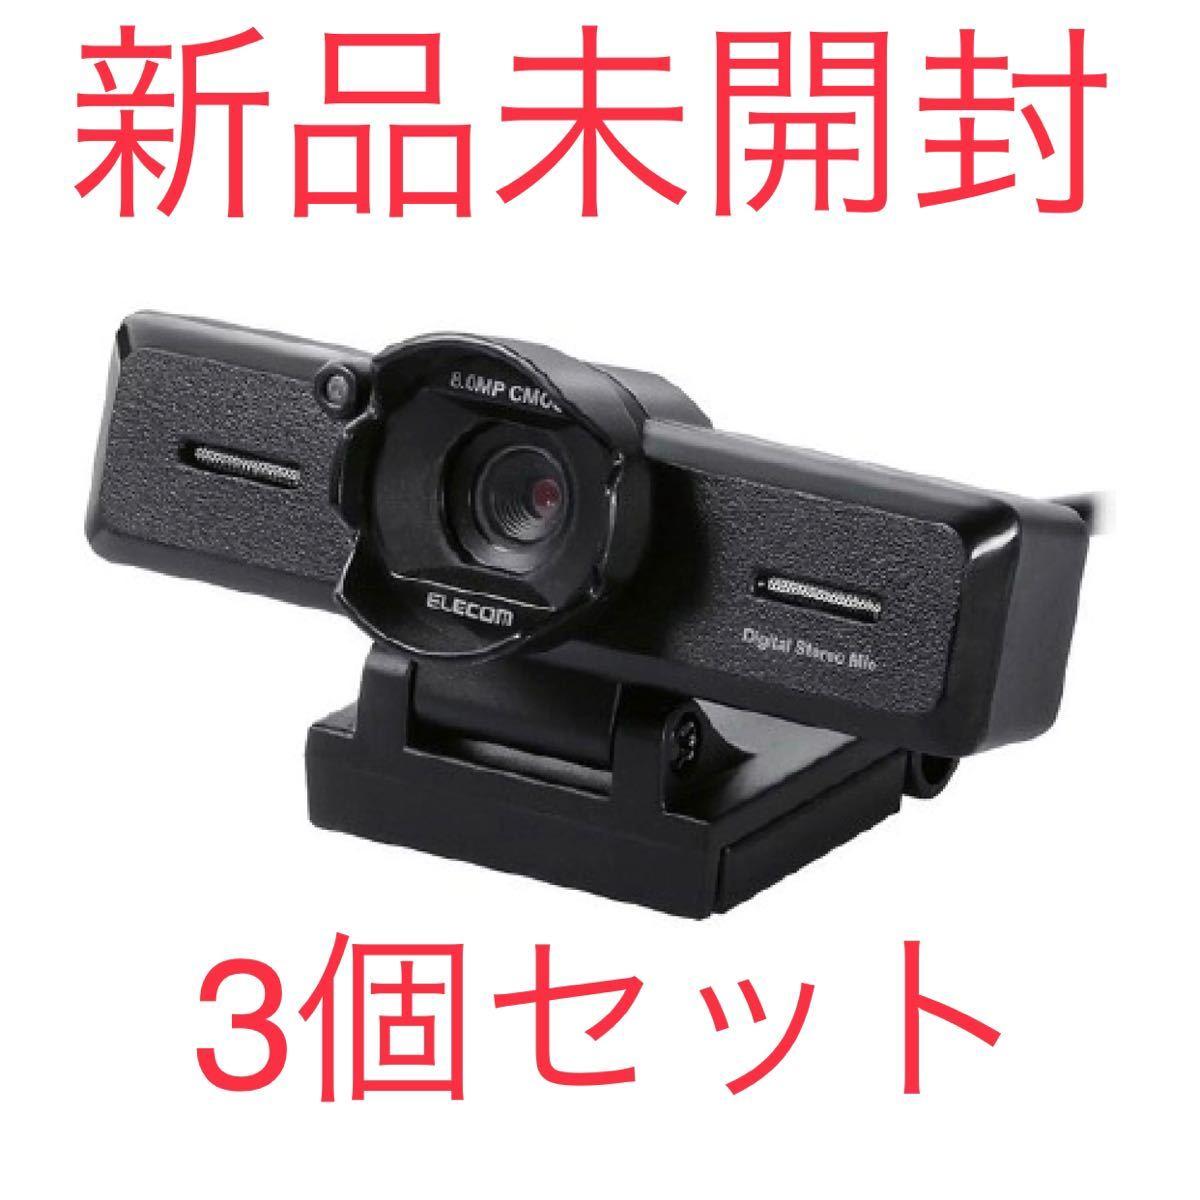 エレコム WEBカメラ マイク内臓 800万画素 高精細ガラスレンズ UCAM-C980FBBK 3個セット ELECOM